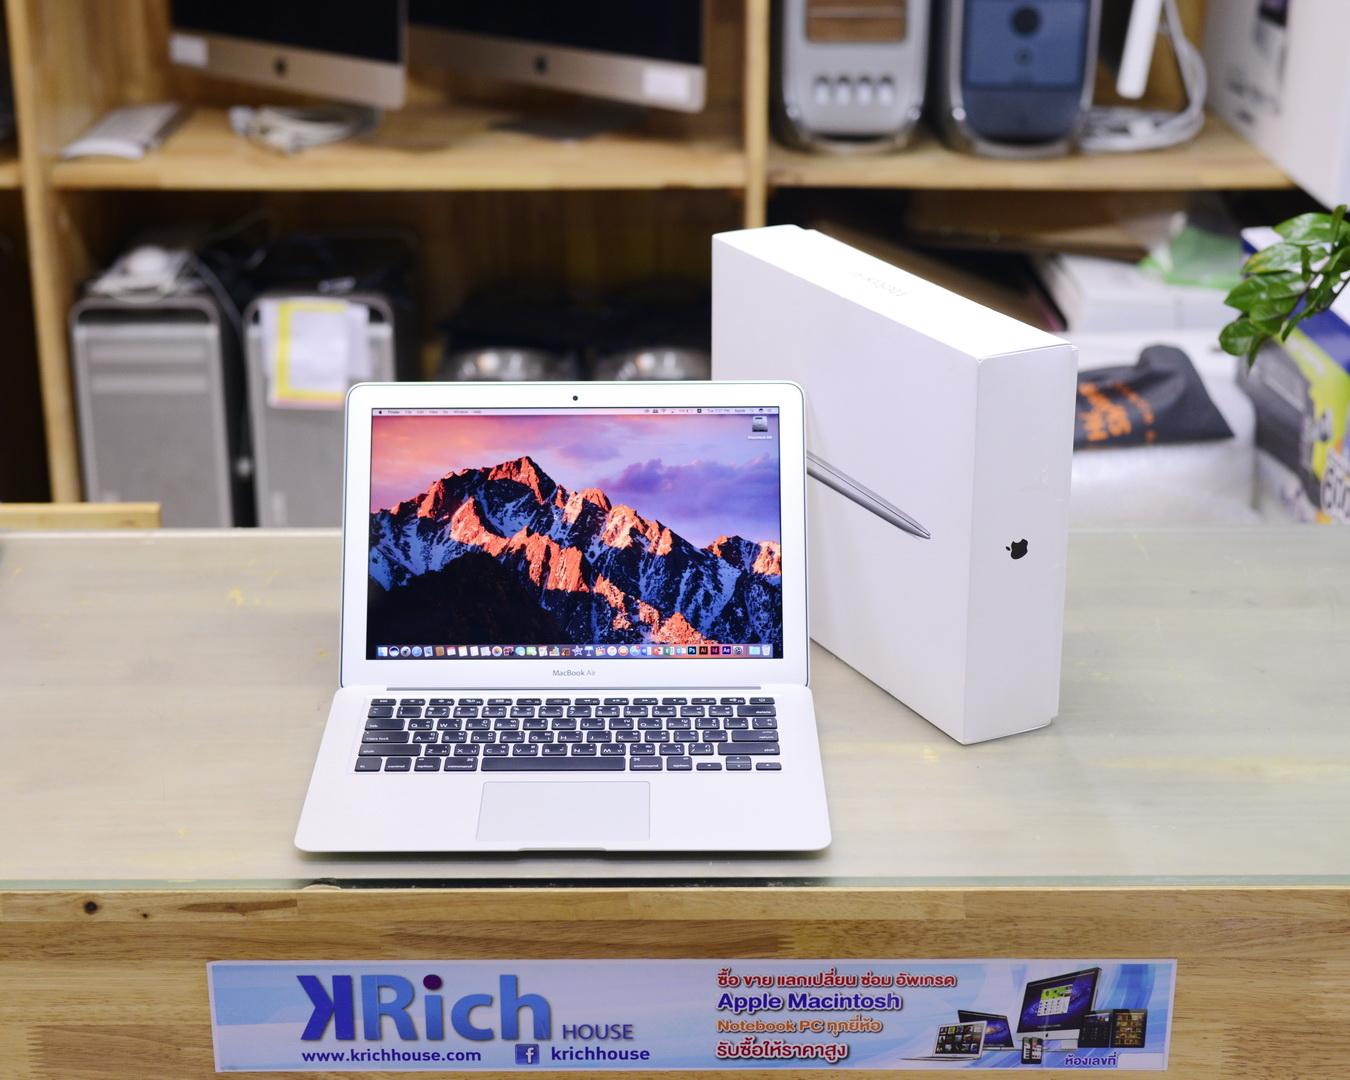 MacBook Air (13-inch, Early 2015) Core i5 1.6GHz RAM 8GB SSD 128GB Fullbox - Apple Warranty 13-11-2017